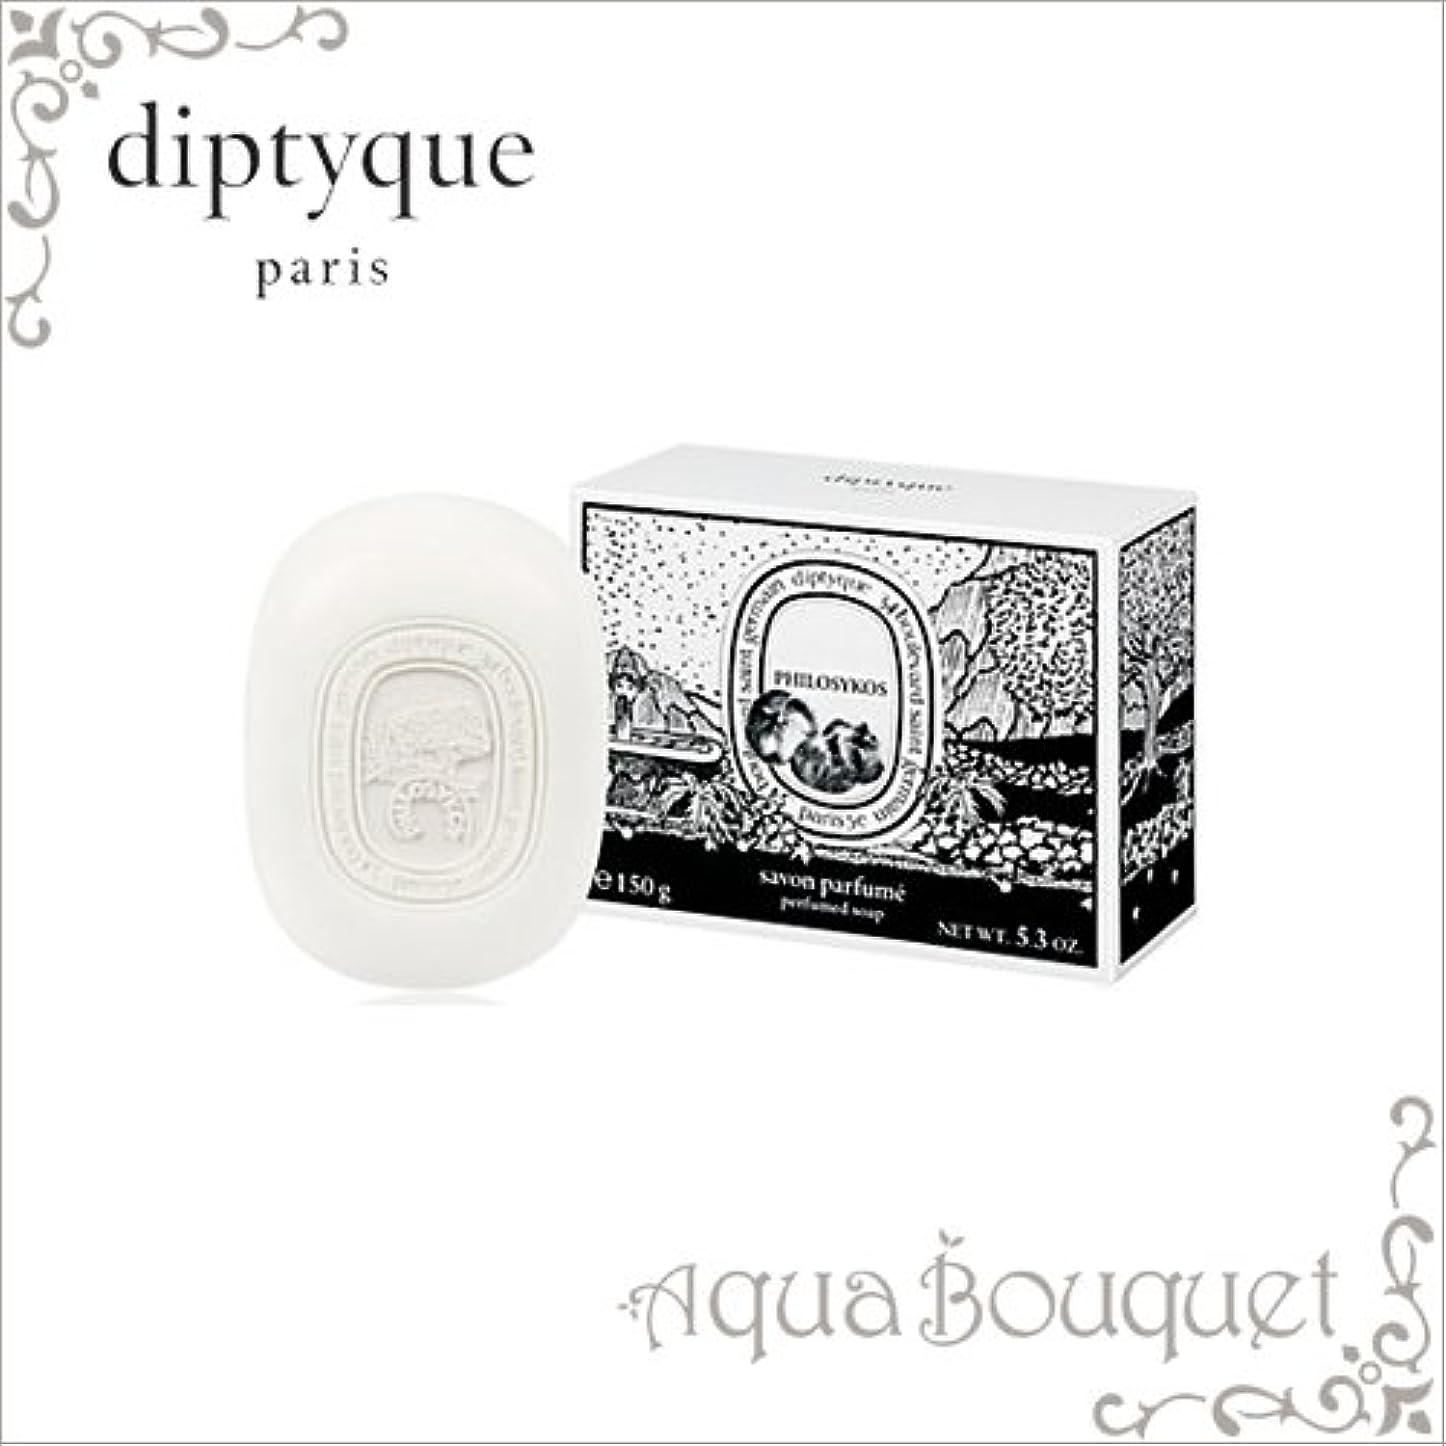 革新ずるい喉頭ディプティック フィロシコス ソープ 150g DIPTYQUE PHILOSYKOS SOAP